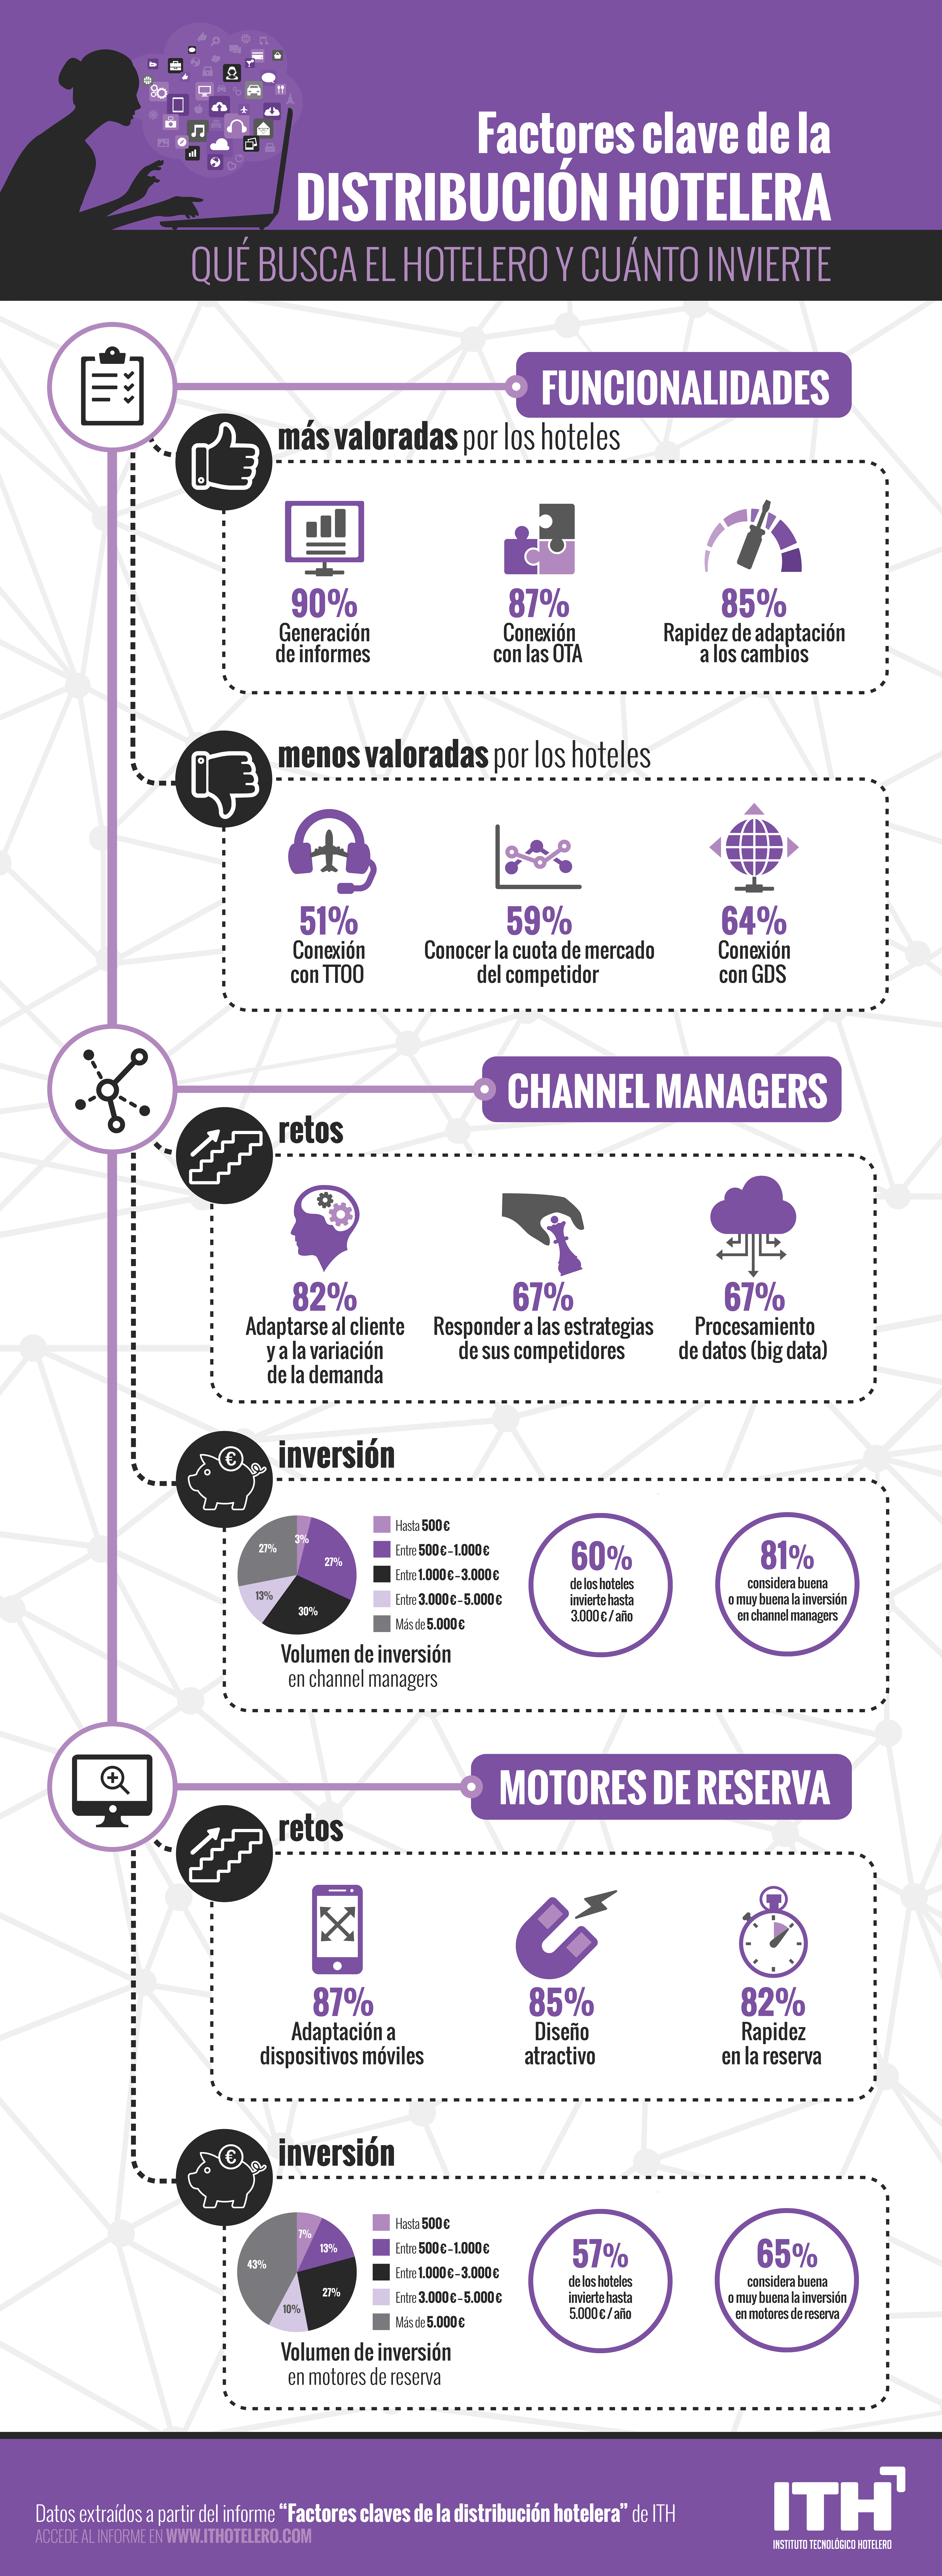 infografía distribución hotelera